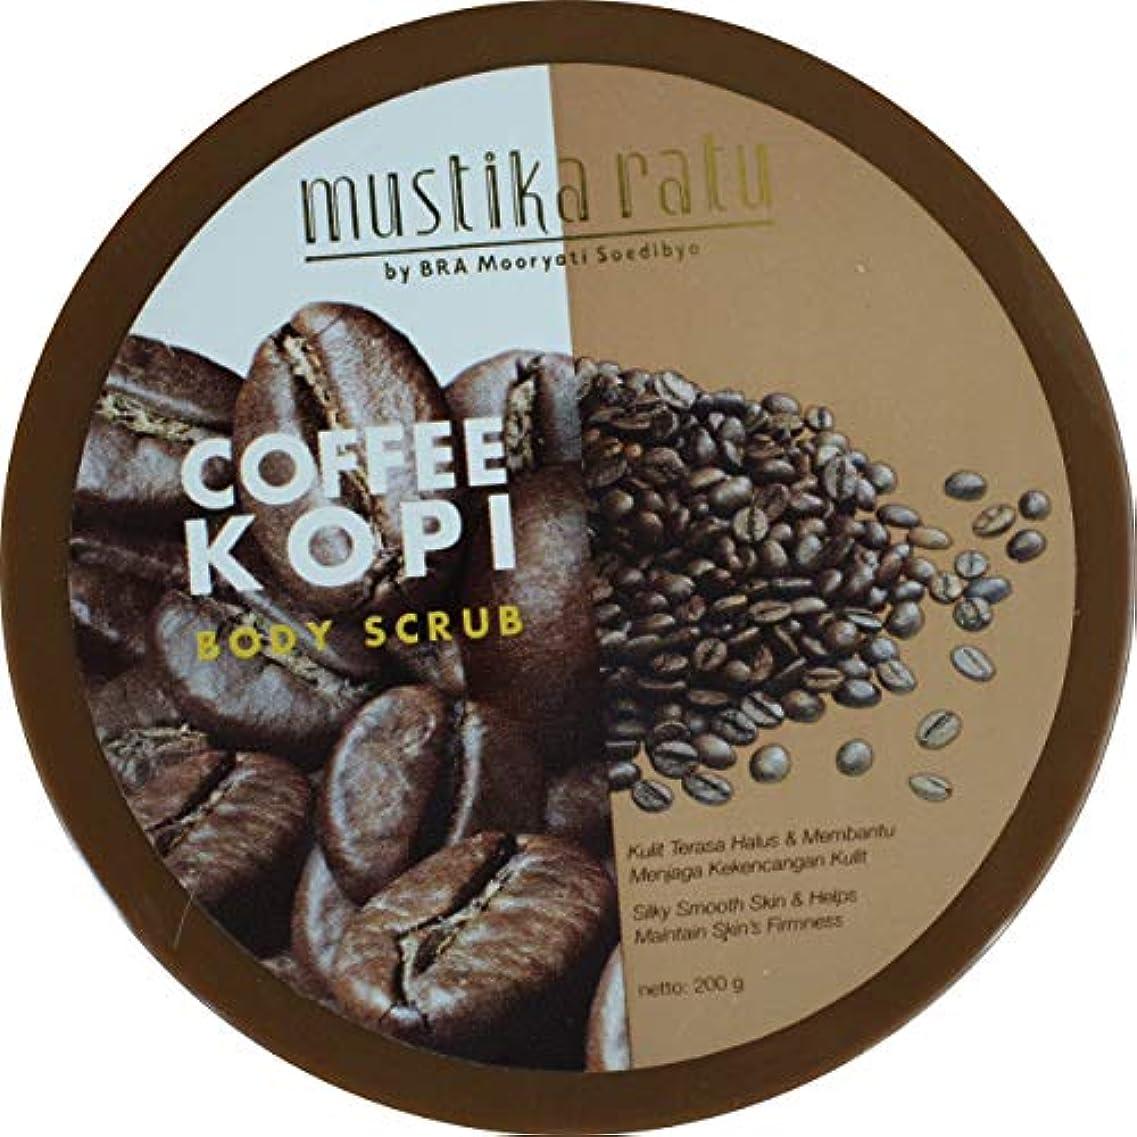 類似性弁護人フラップMustika Ratu インドネシア200グラム単位でのコーヒーボディスクラップ